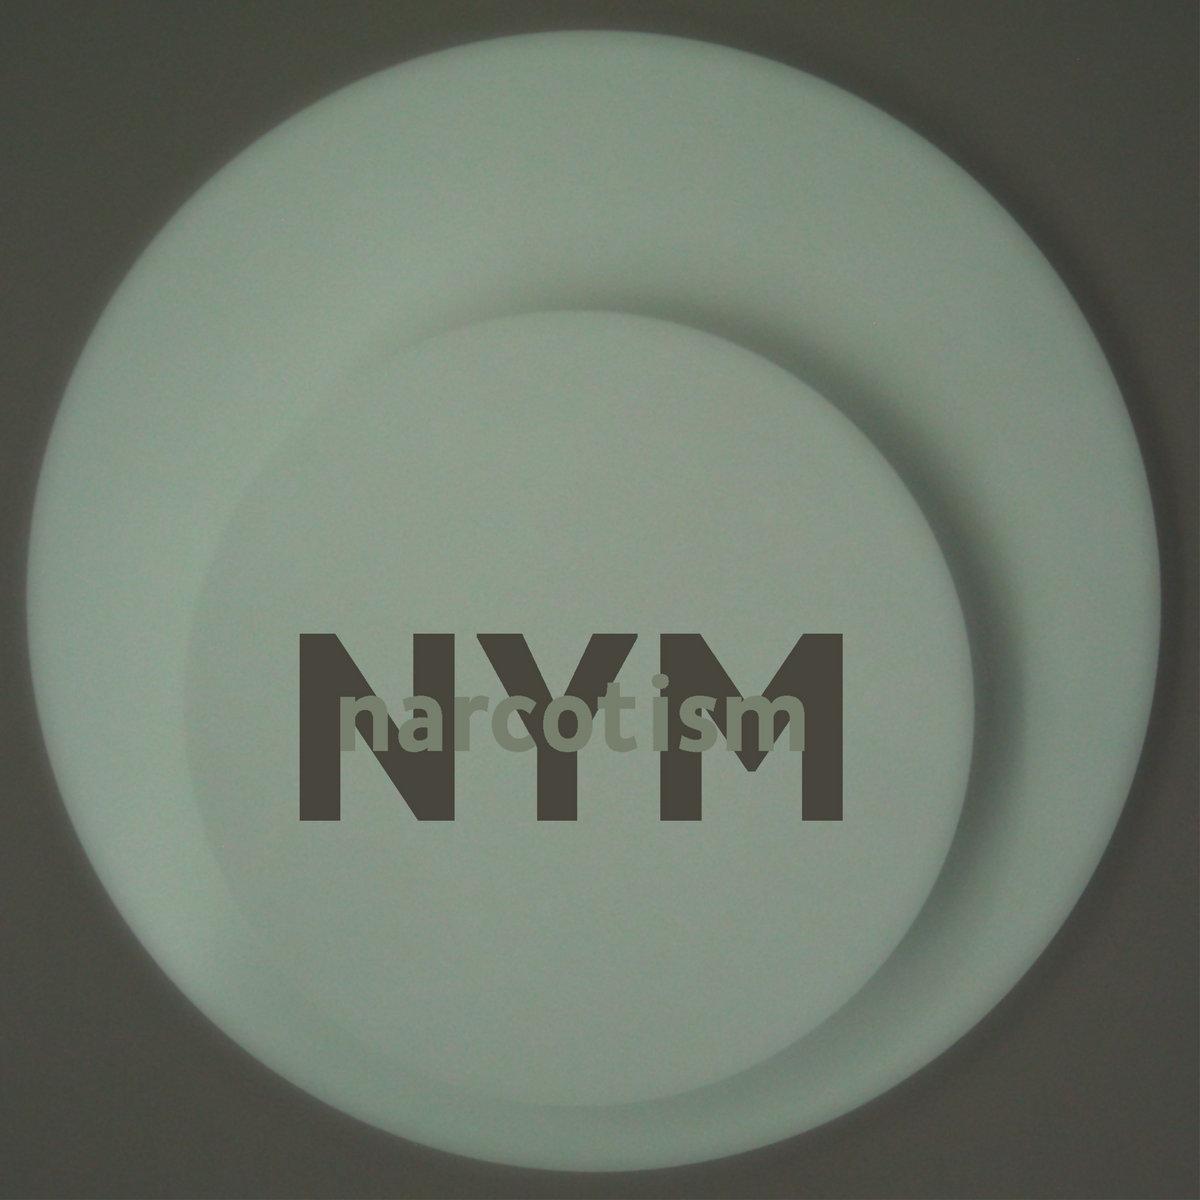 NYM – narcotism